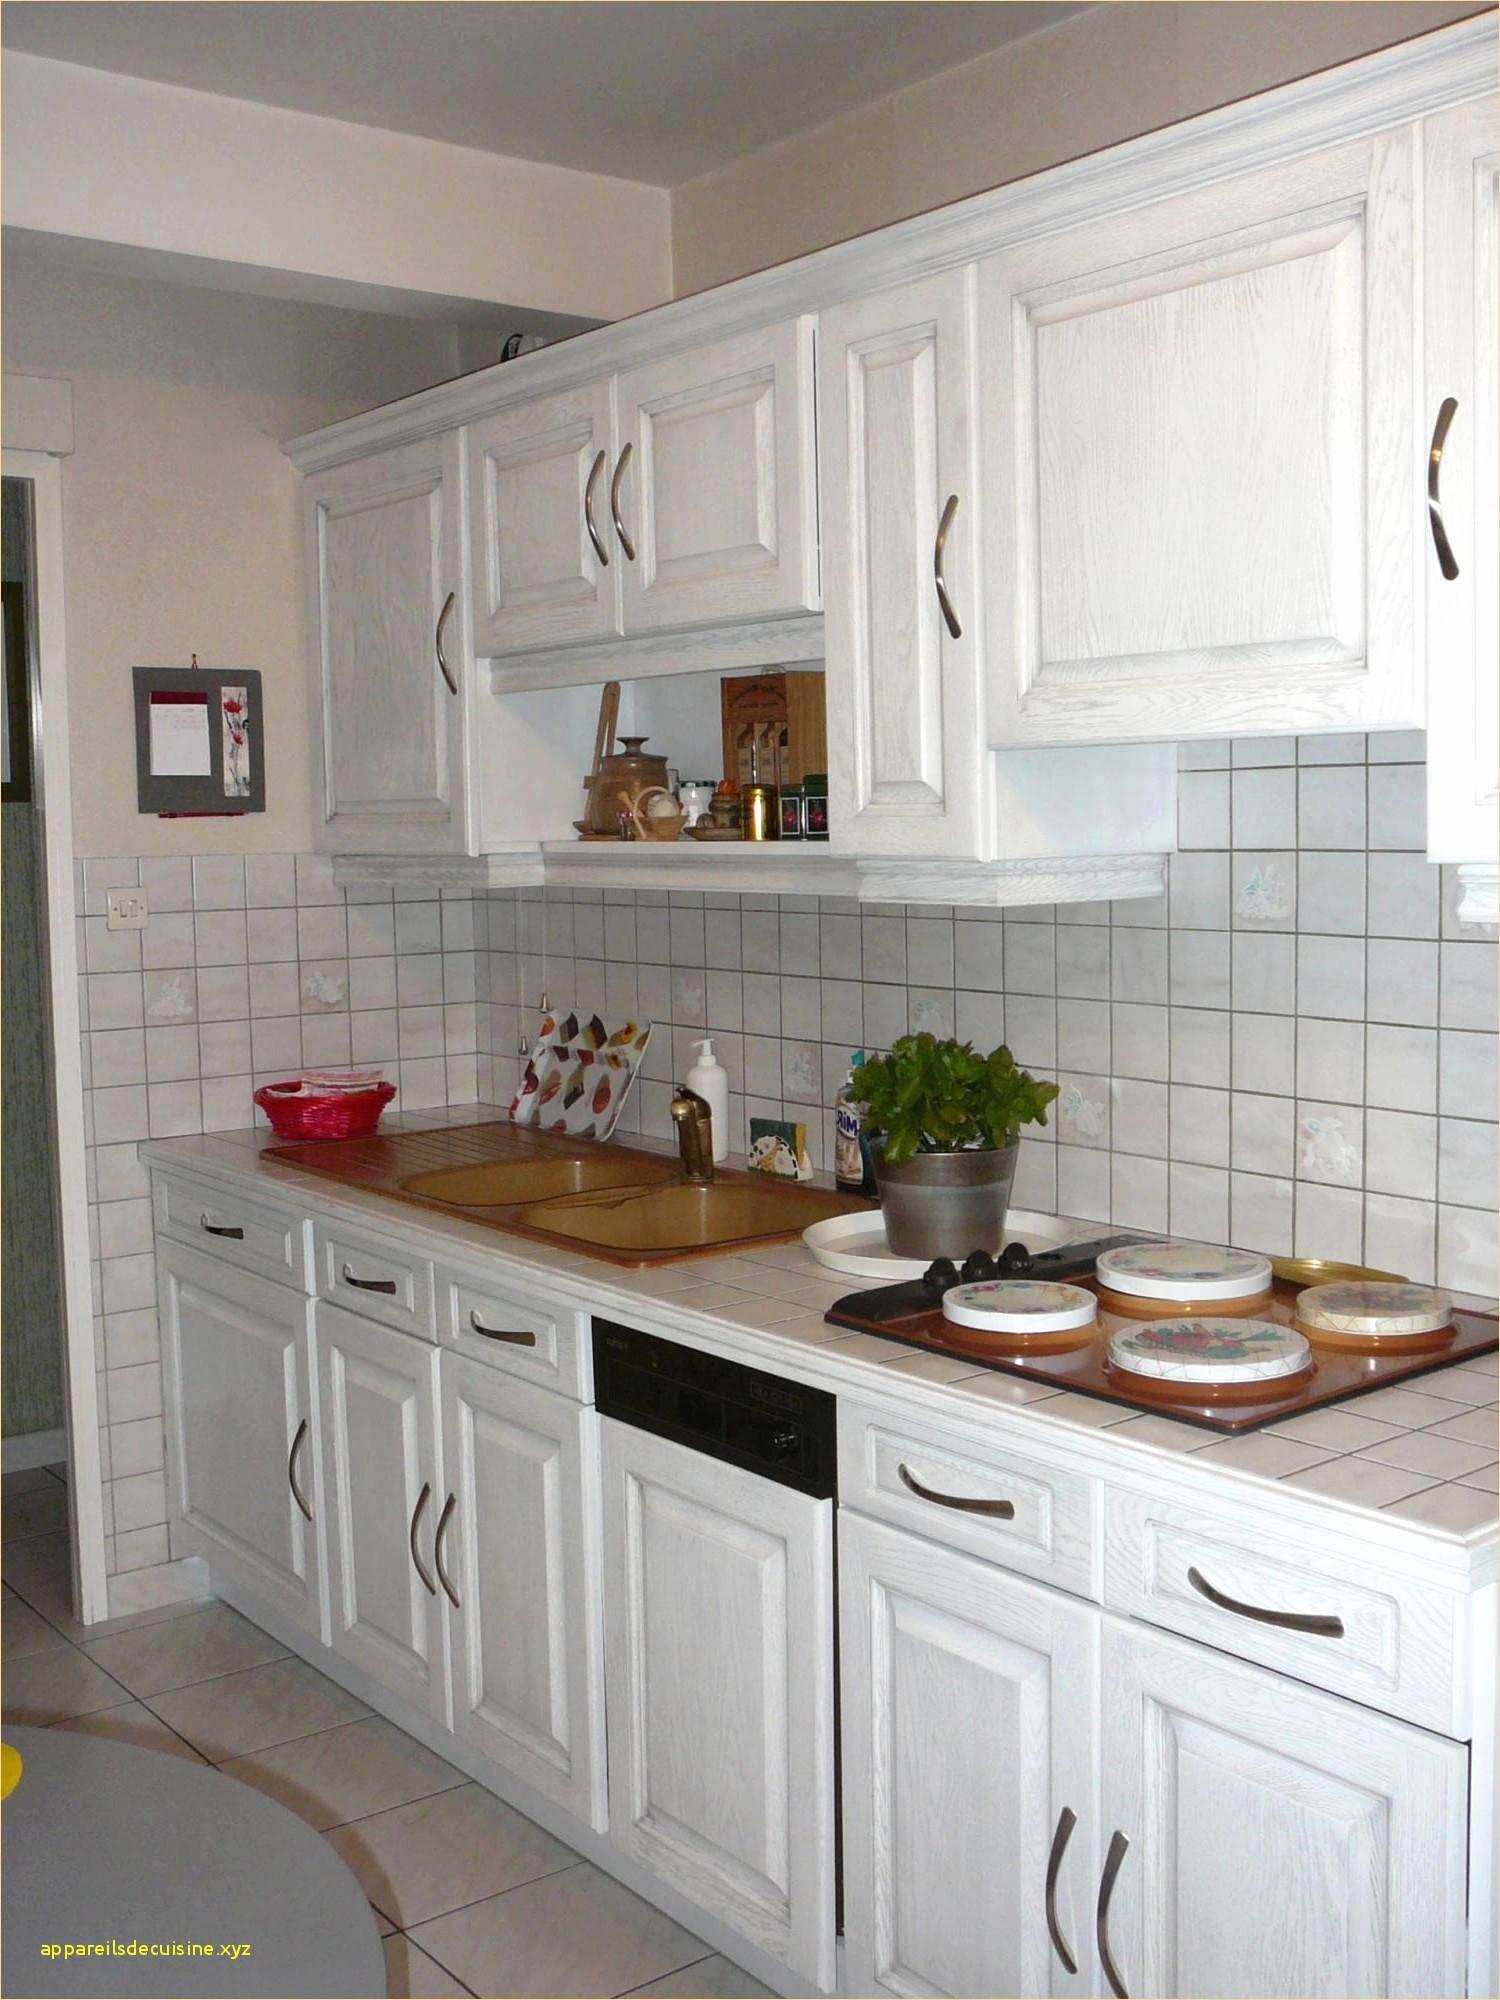 Meuble Colonne Conforama Beau Photos Colonne Cuisine Conforama Impressionnant Meuble De Rangement Cuisine